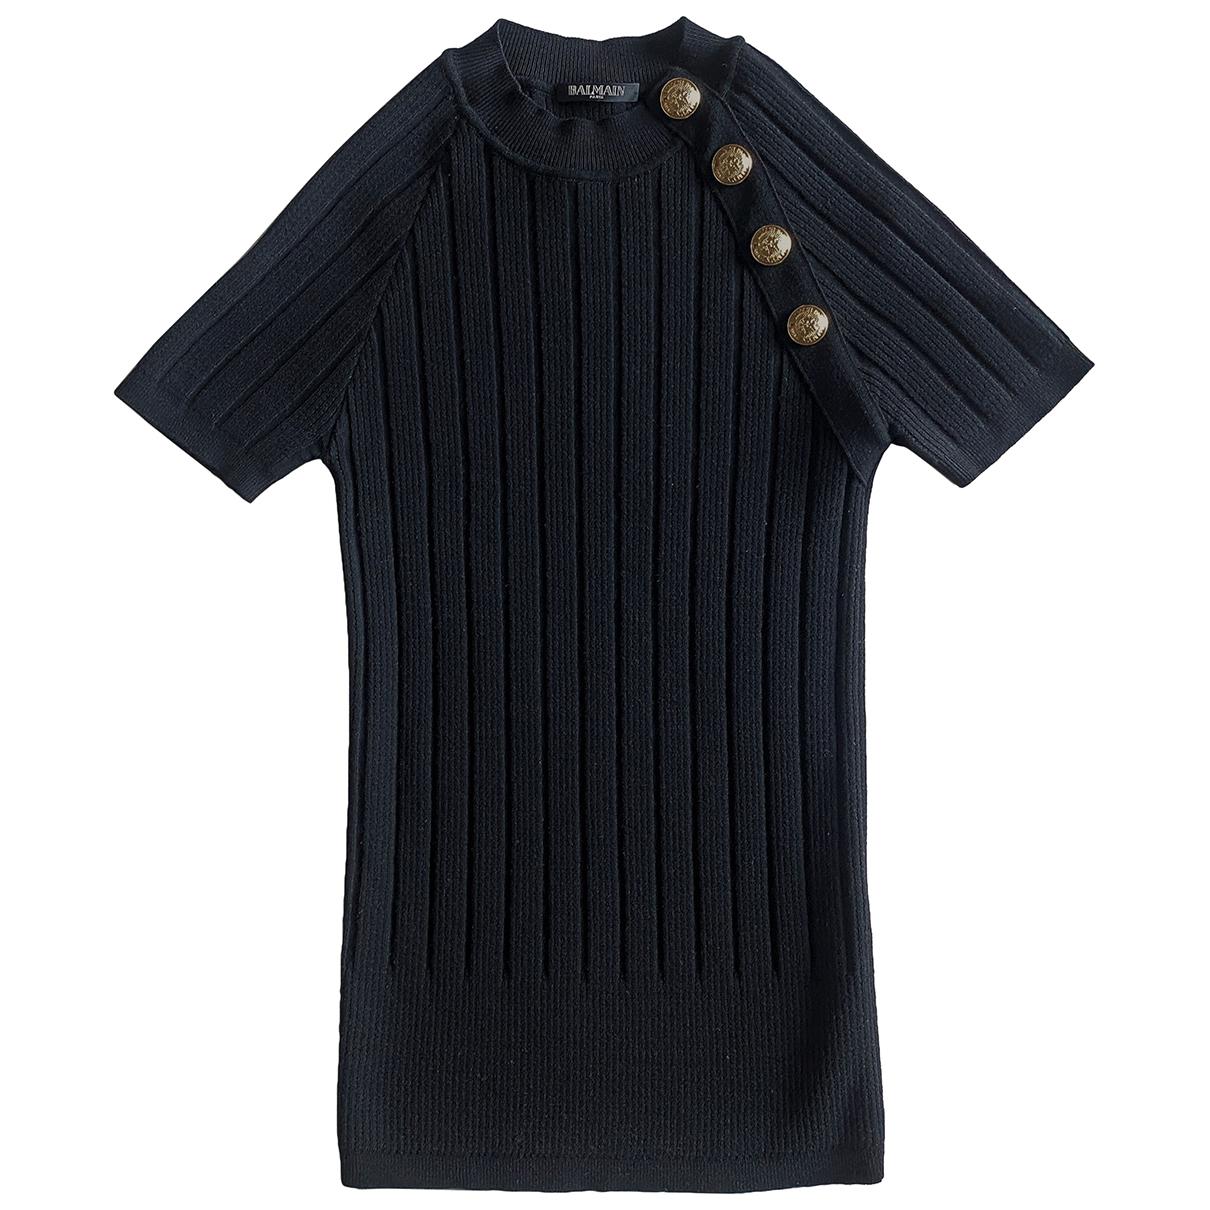 Balmain N Black Wool Knitwear for Women 38 FR